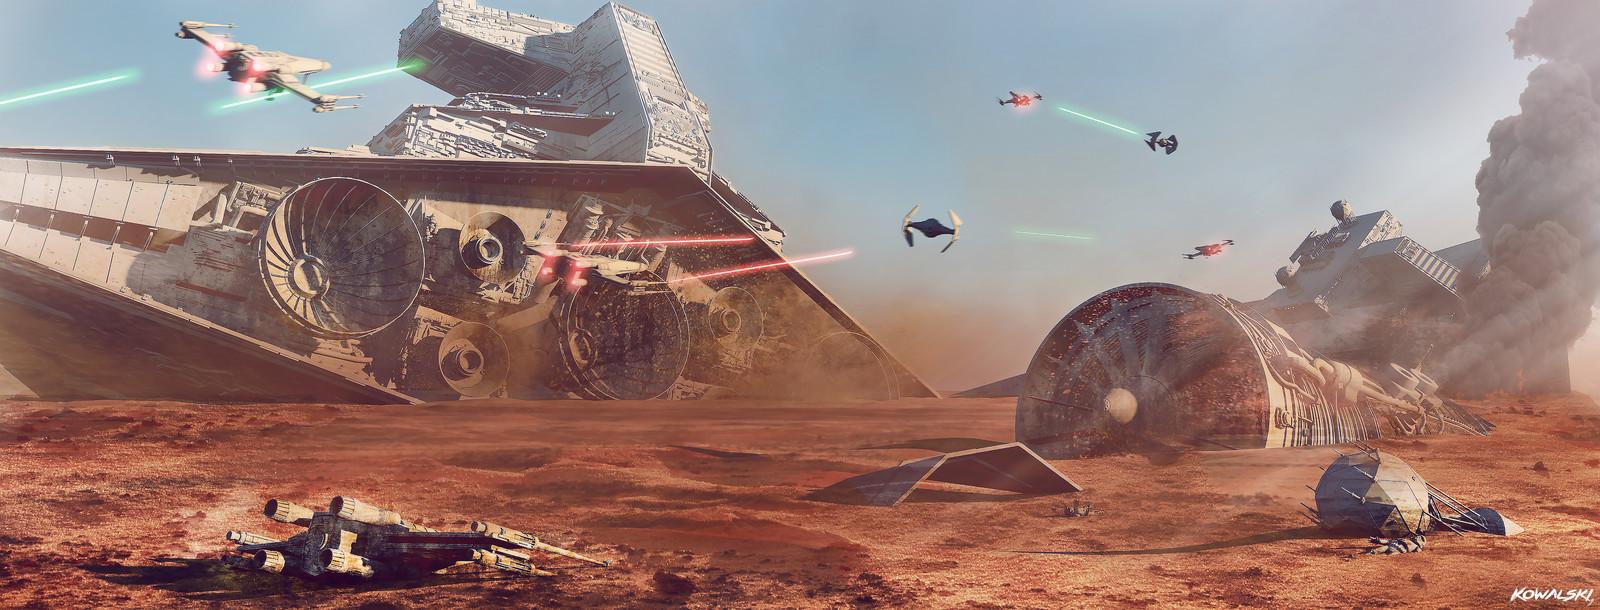 Battle of Jakku - Star Wars Battlefront